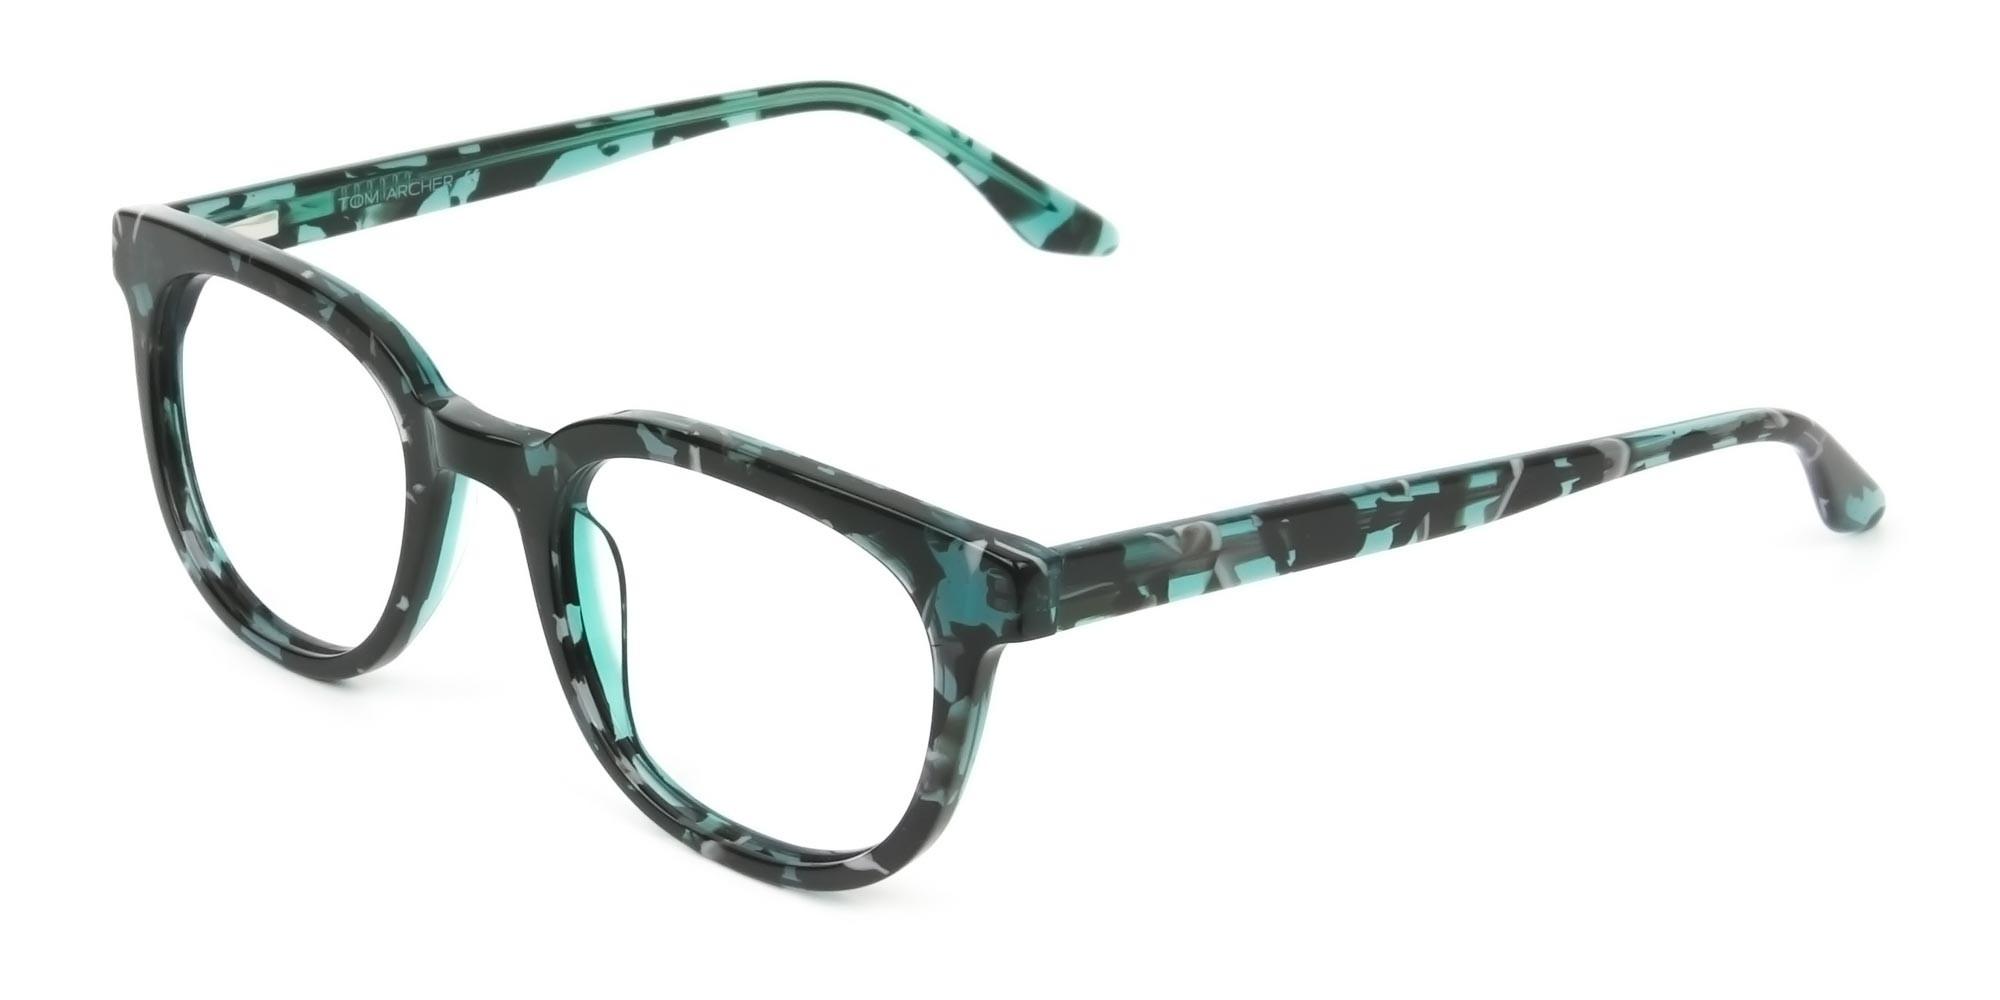 Hipster Tortoise Turquoise Green Wayfarer Frame Glasses - 3